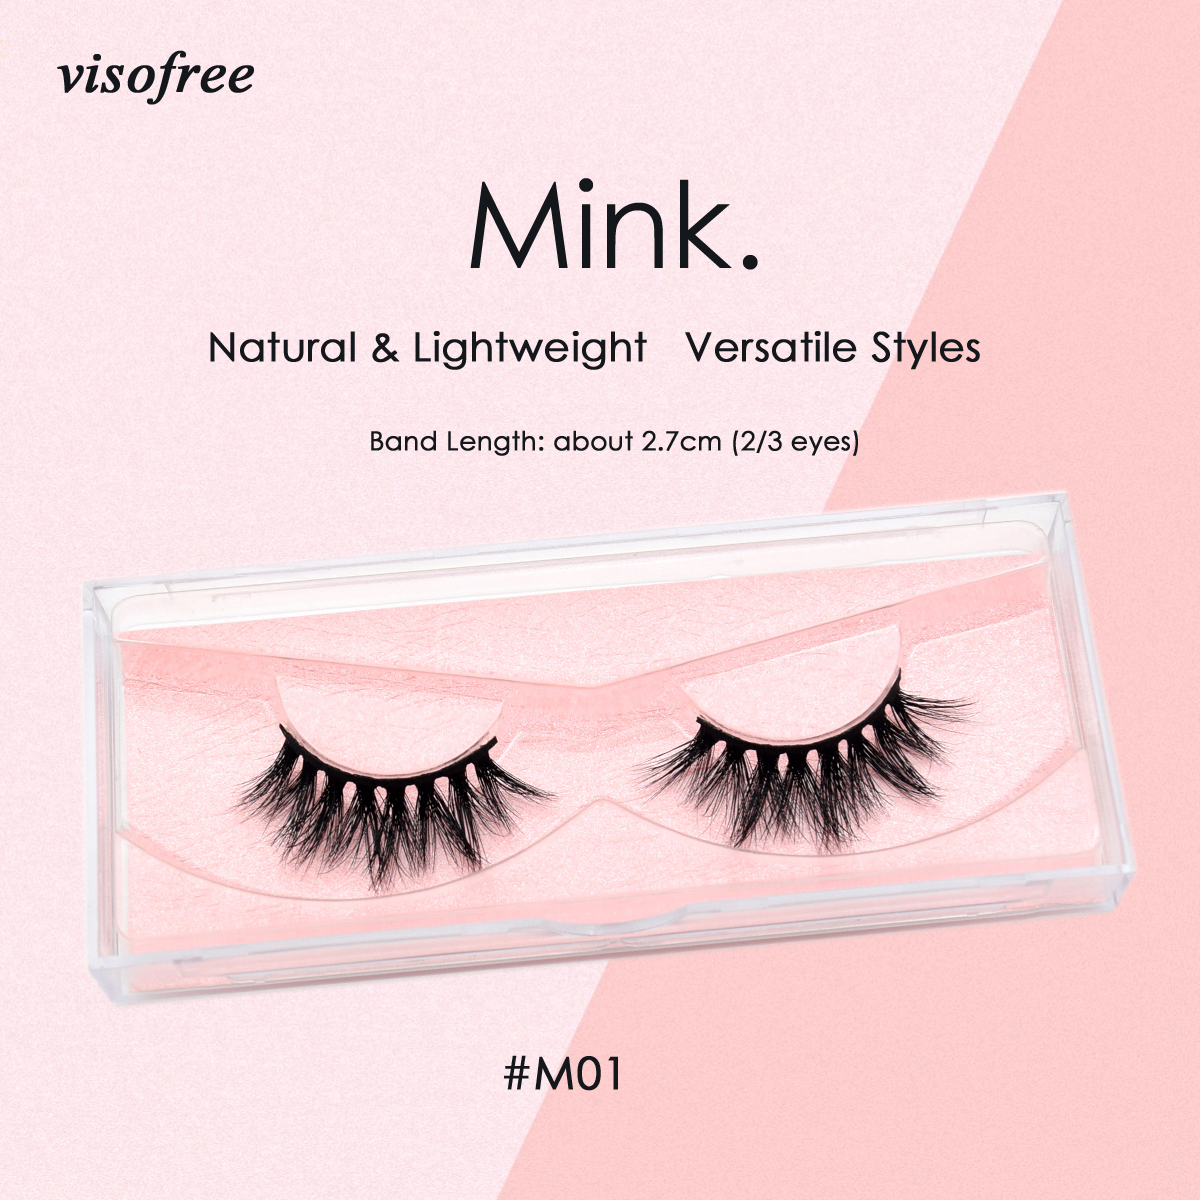 Visofree Lashes 3D Mink Lashes Cruelty Free Mink False Eyelashes 2/3 Eyes Crisscross Mink Eyelashes For Makeup Faux Cils M01